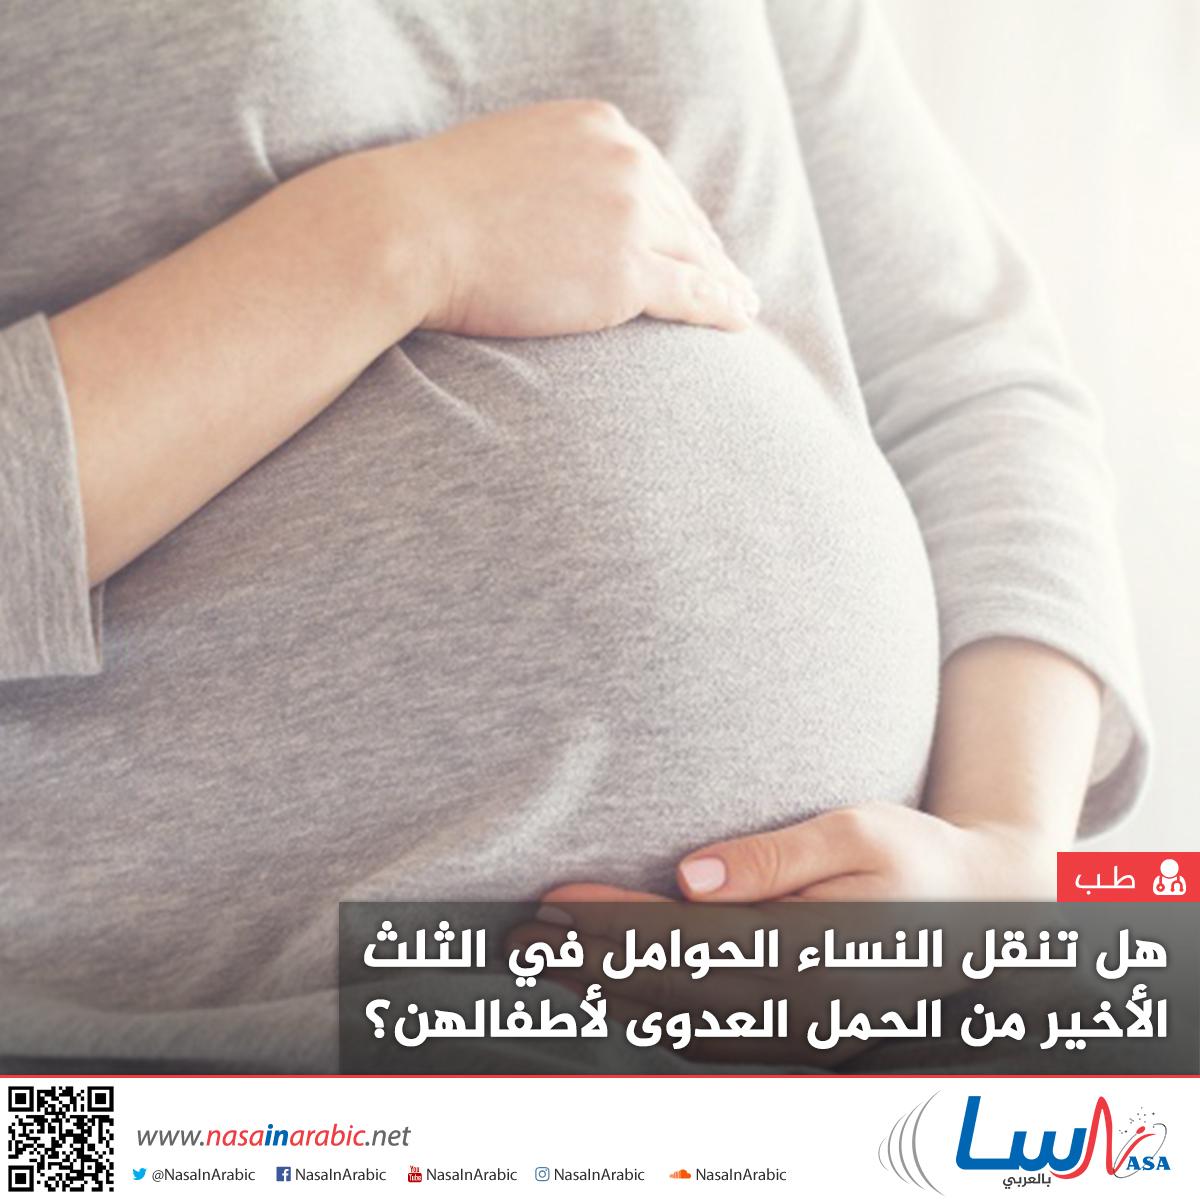 هل تنقل النساء الحوامل في الثلث الأخير من الحمل العدوى لأطفالهن؟